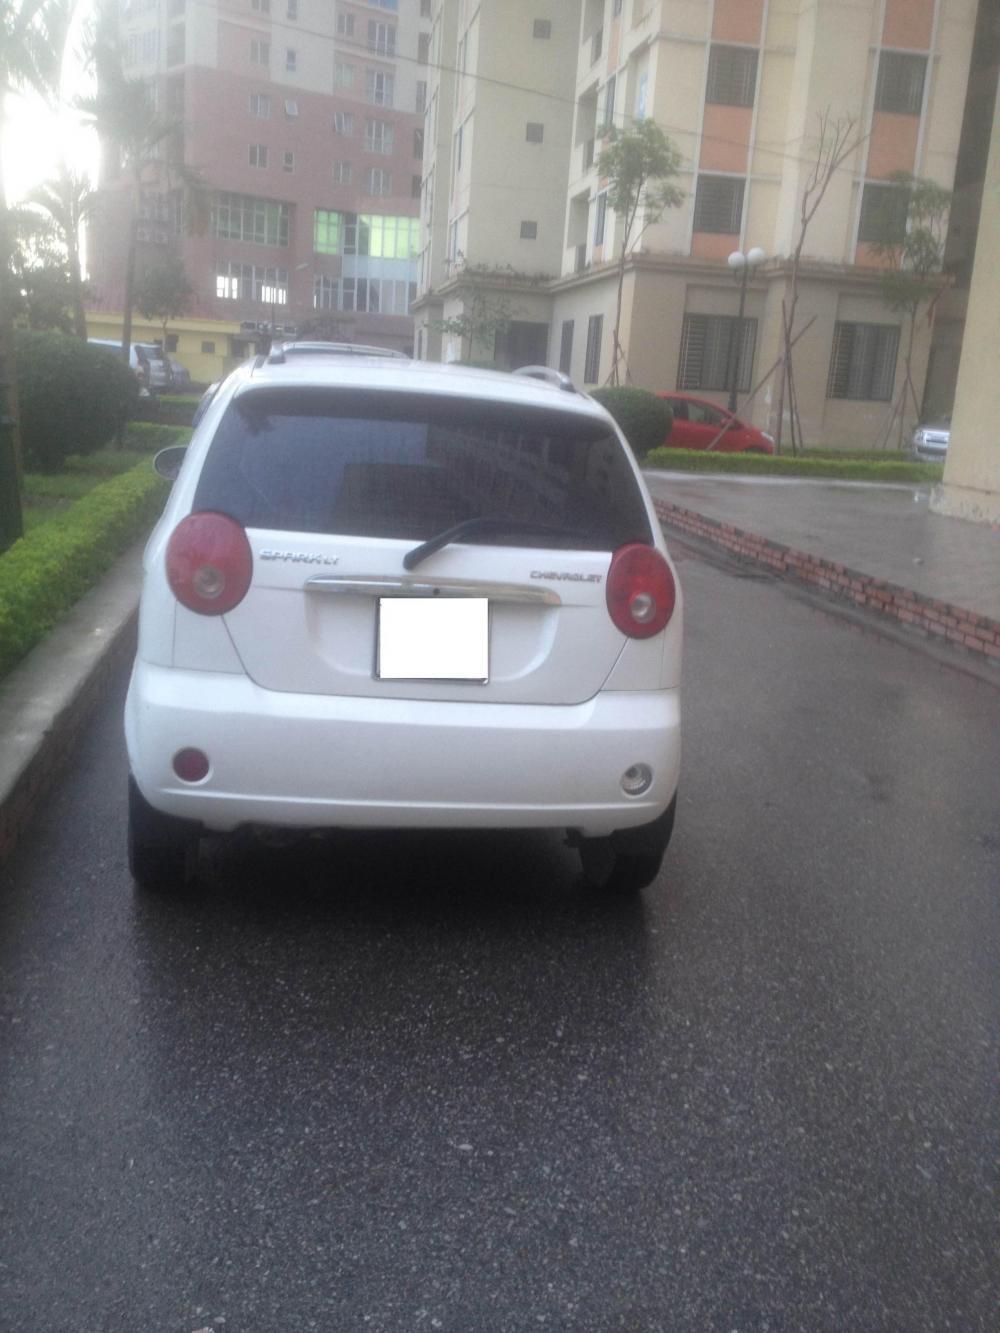 Chính chủ cần bán xe Chevrolet Spark 2010, màu trắng, như mới-3